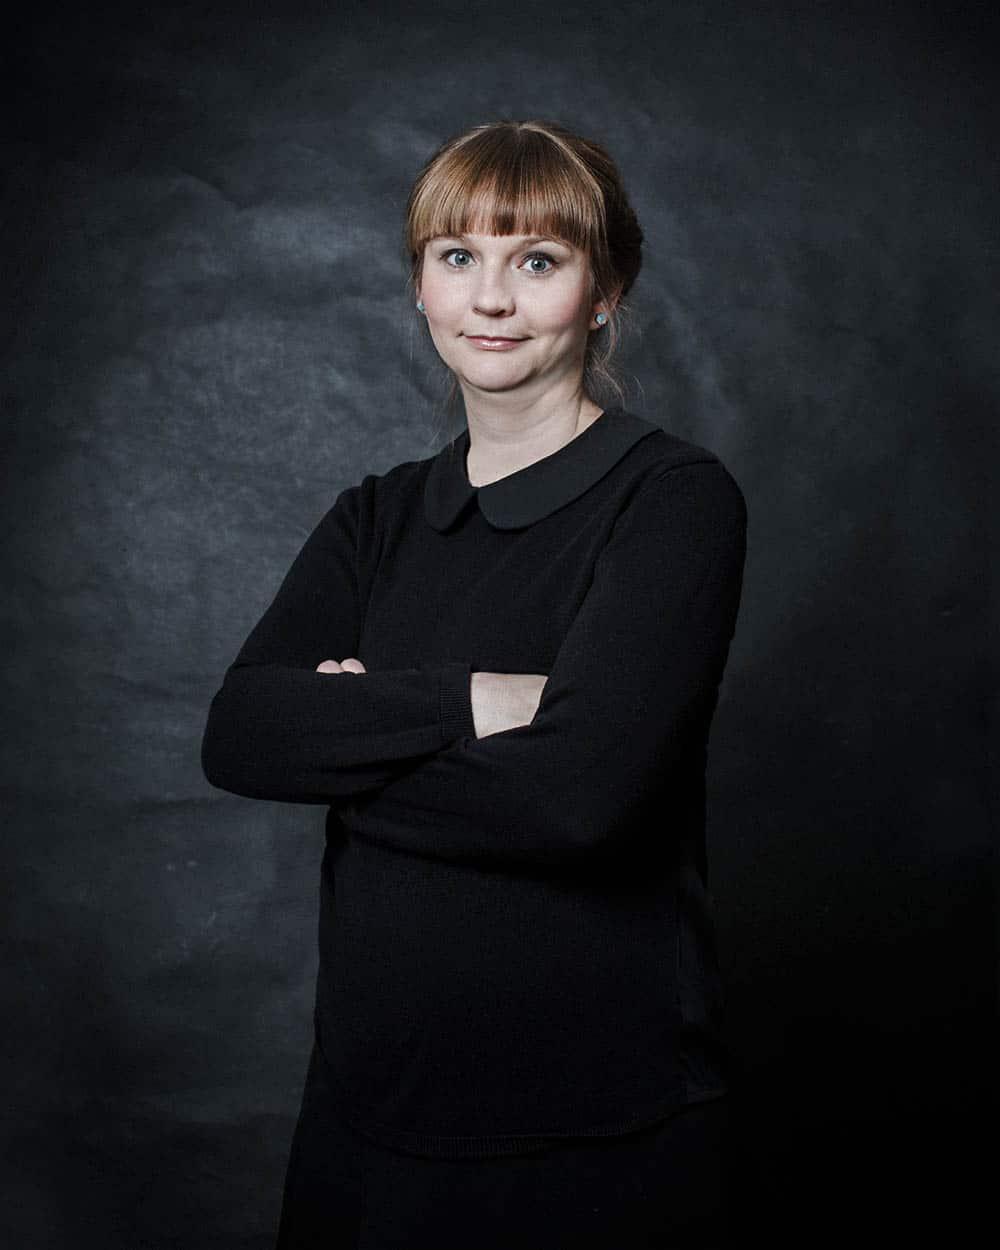 Julia Amelung Werbeagentur Grafikdesign